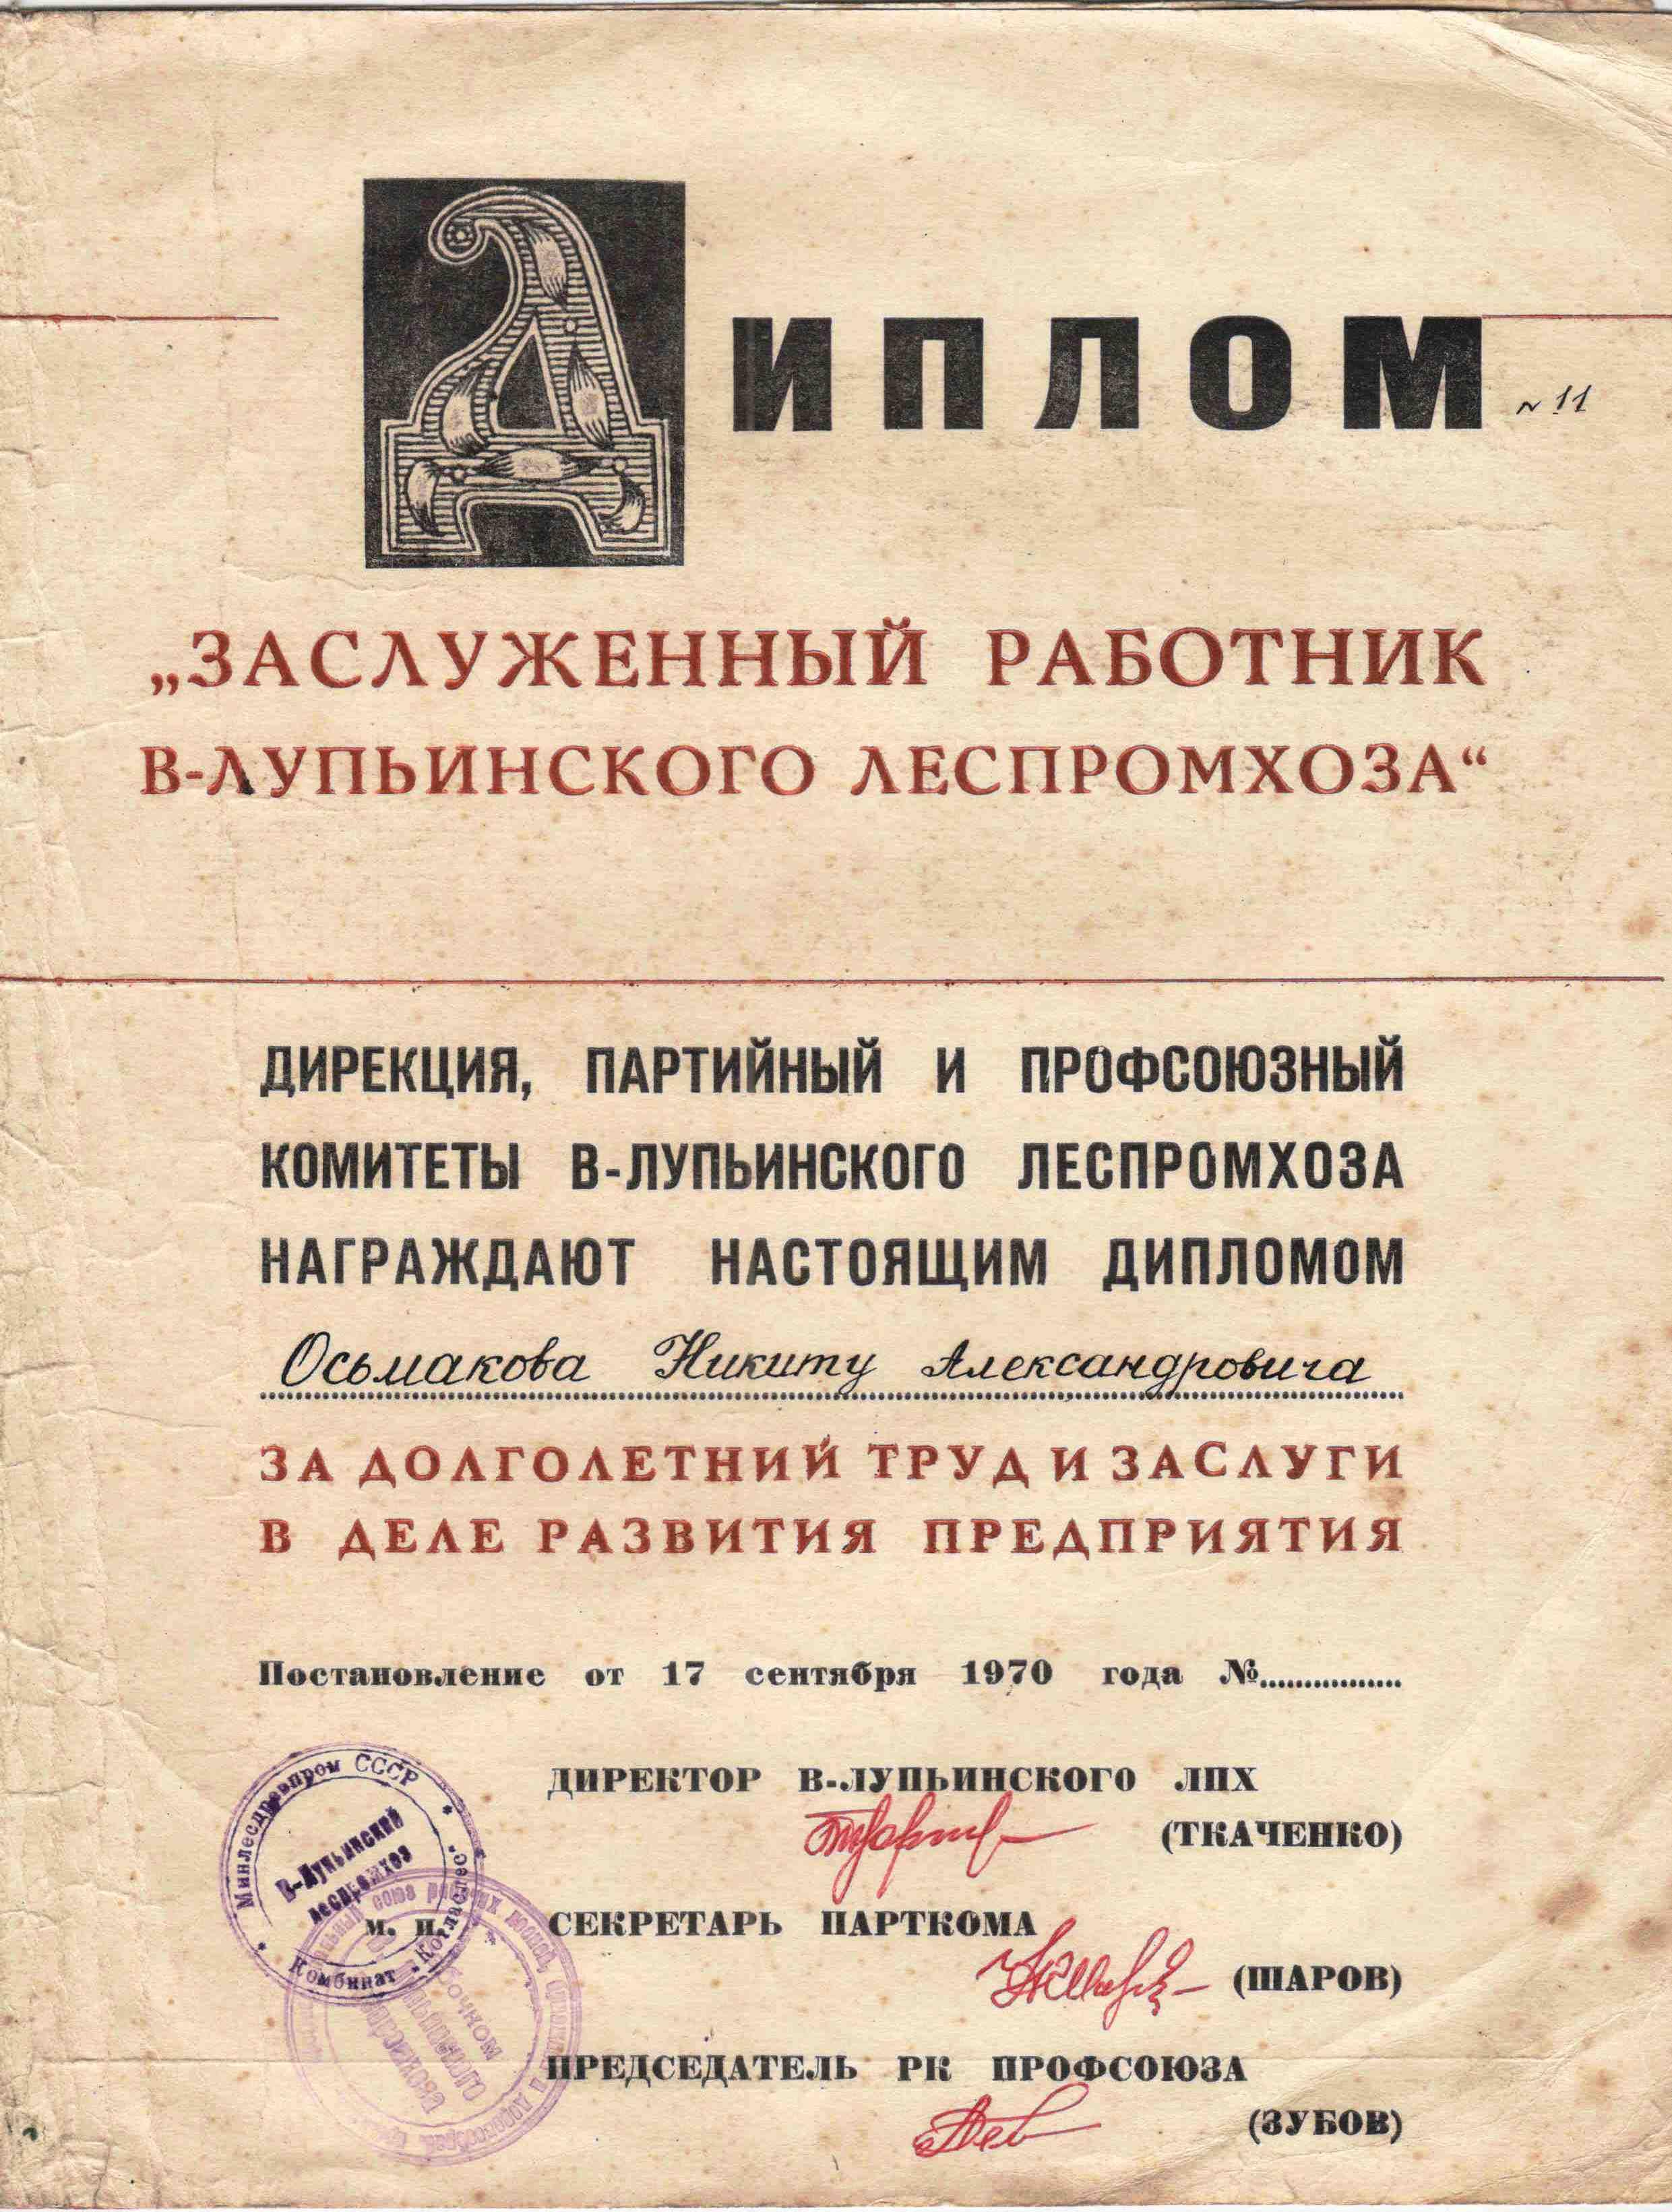 53. Диплом Заслуженного работника В-Лупьинского леспромхоза, 1970